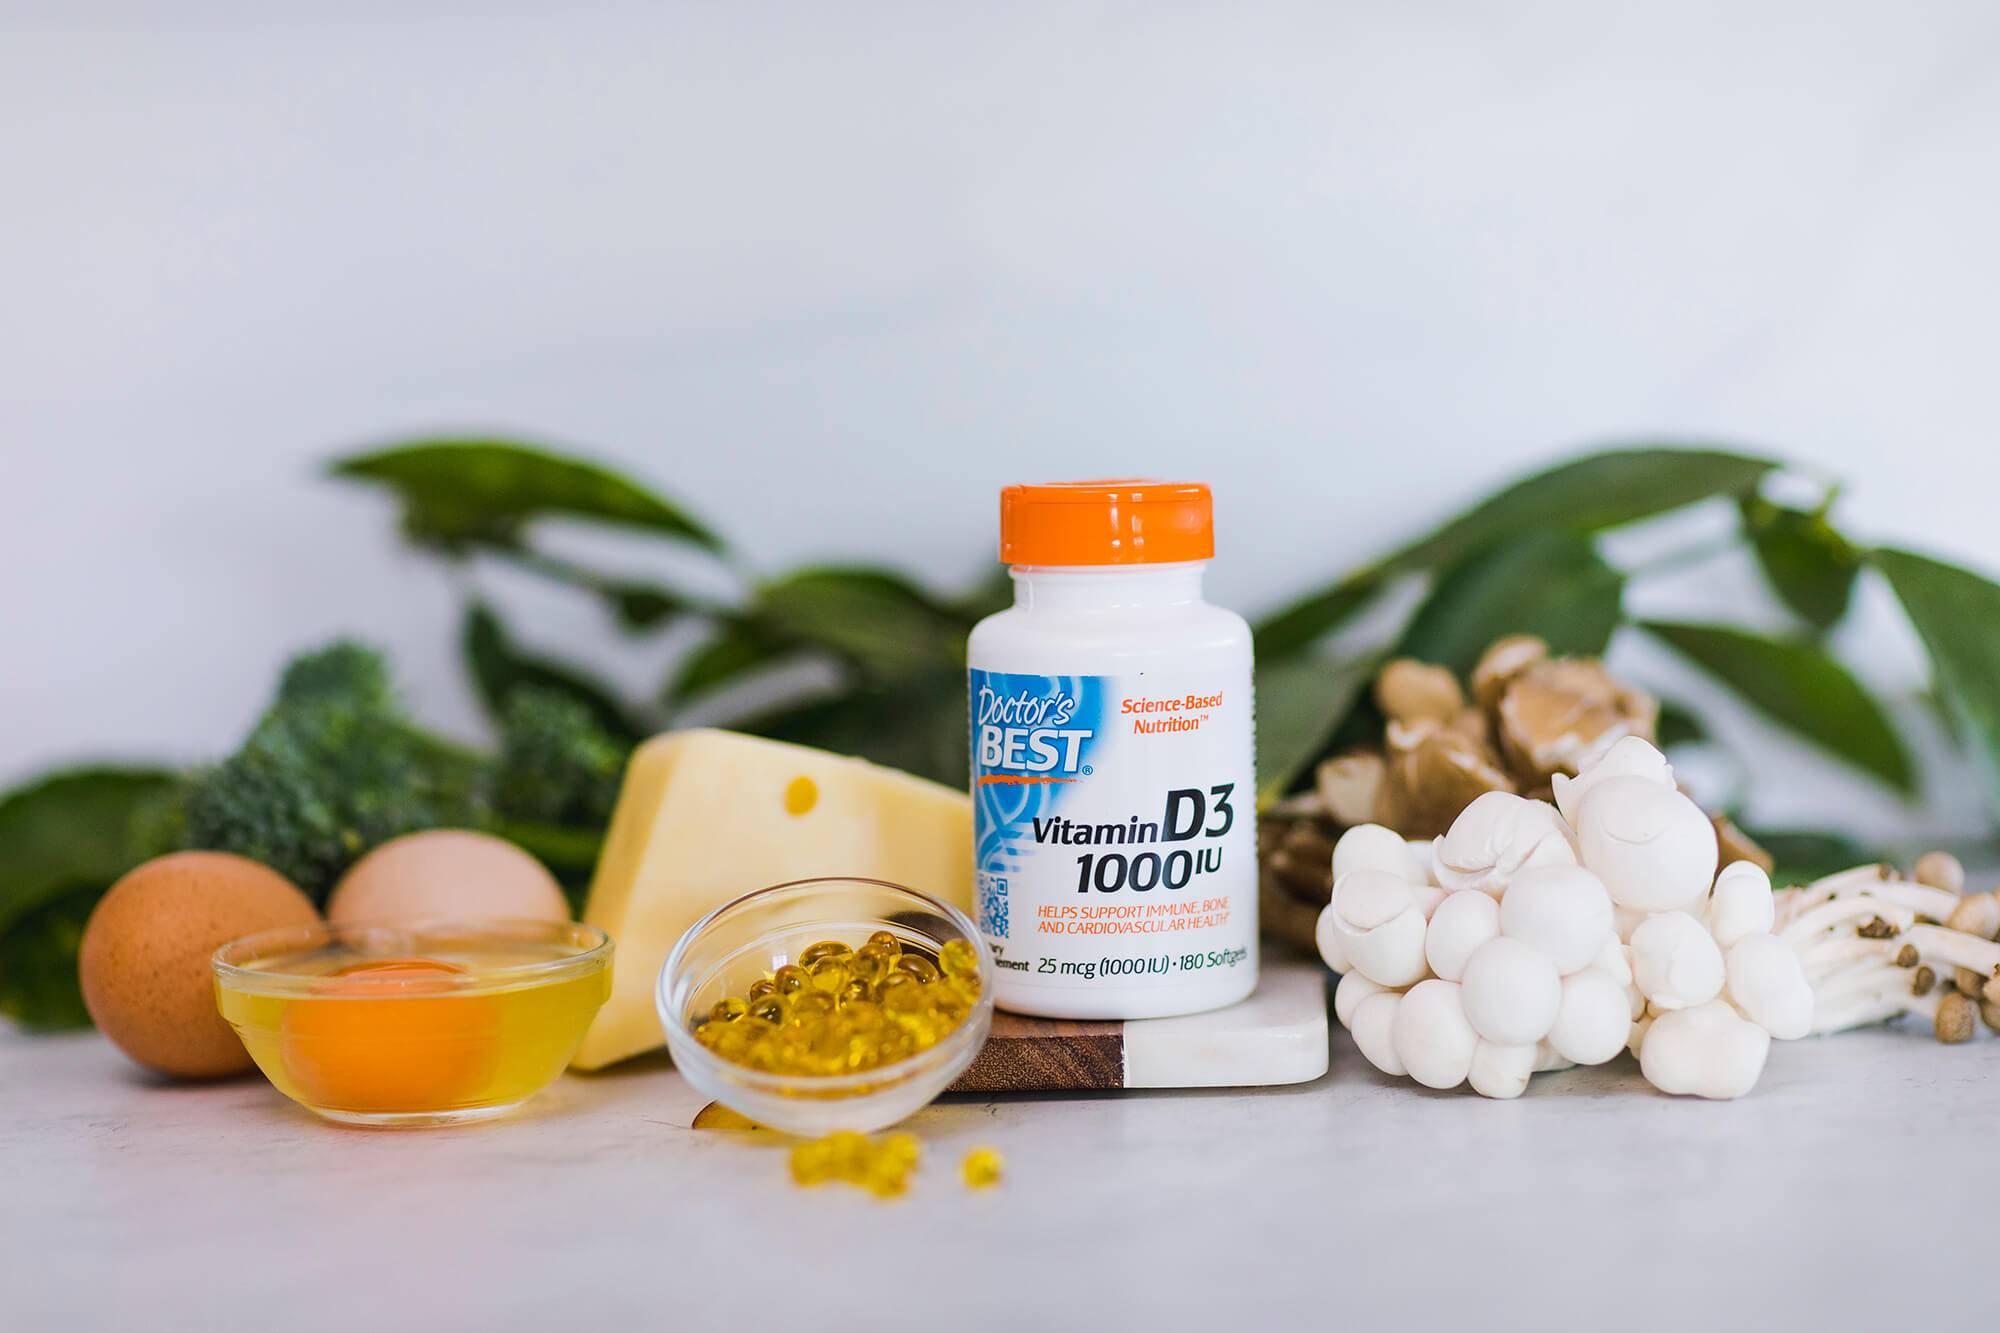 Витамин D3 1000 IU 180 гел-капсули от Doctor's Best на идеална цена подпомага здравето и структурата на костите и зъбите и се бори с раковите заболявания.